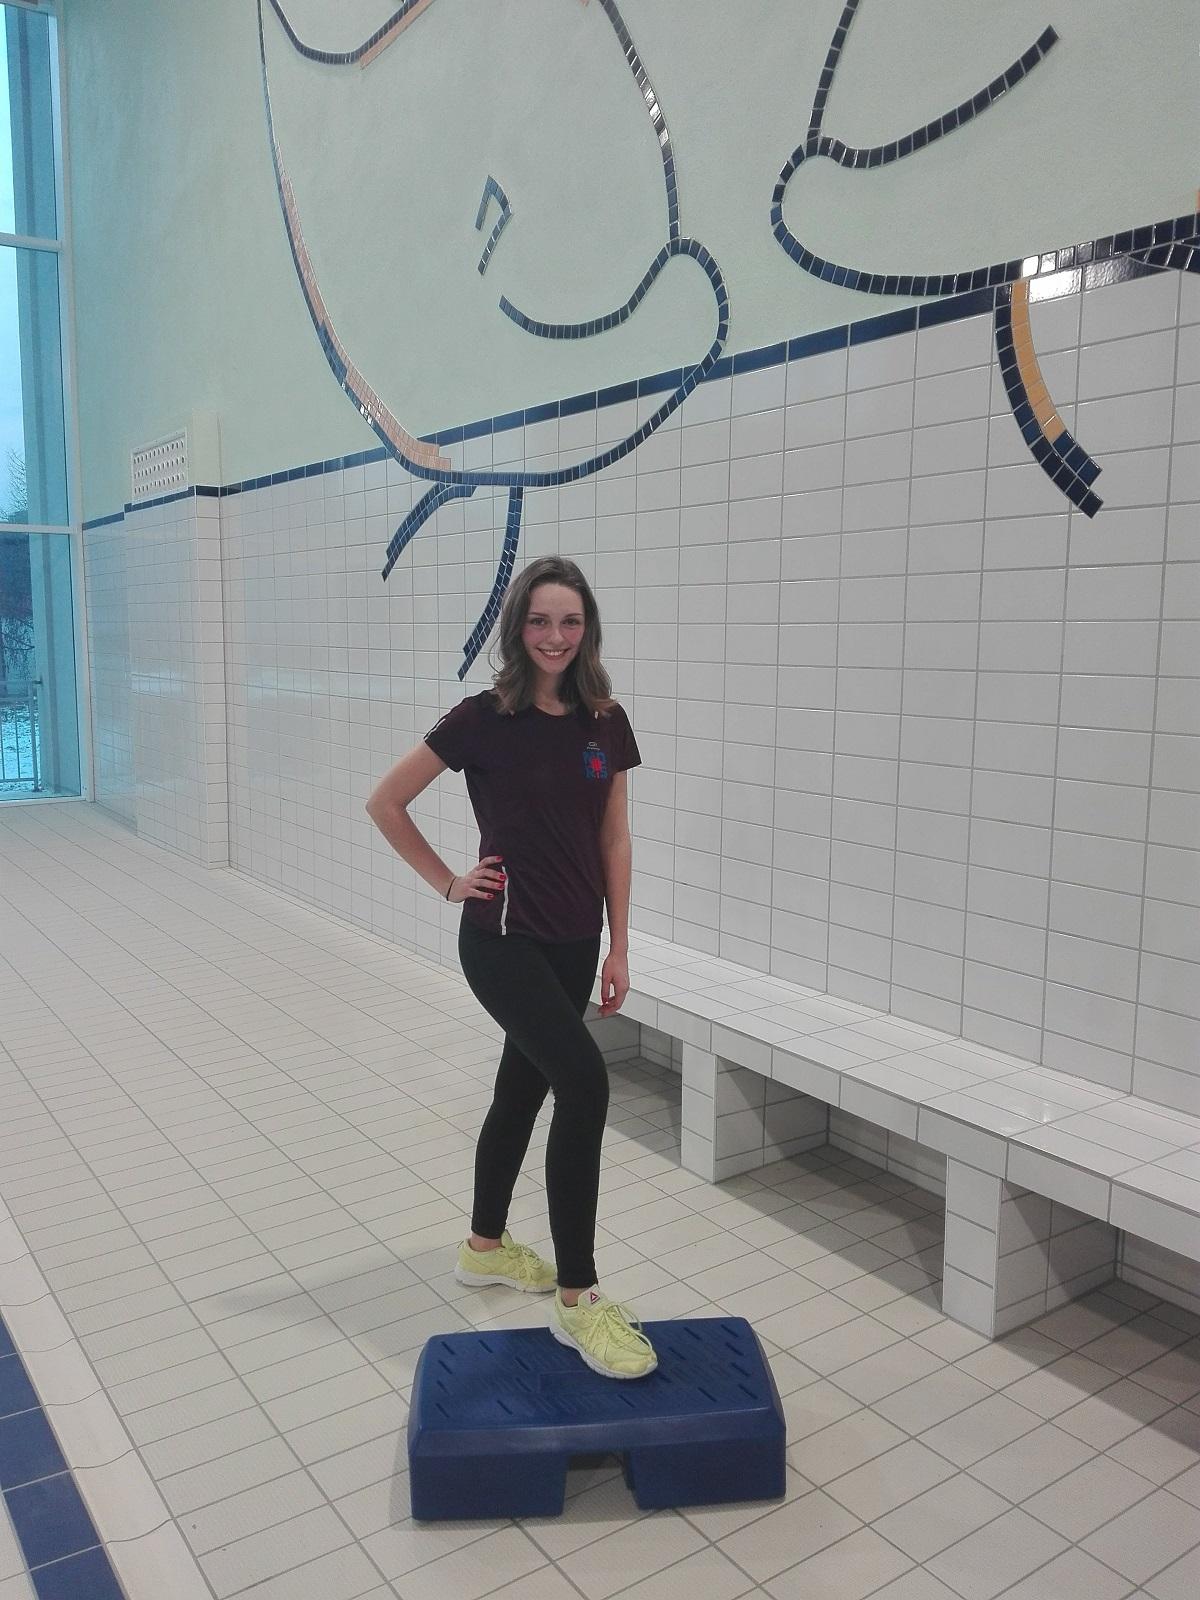 Ćwiczenia na trampolinie - przykładowy trening w domu lub ogrodzie